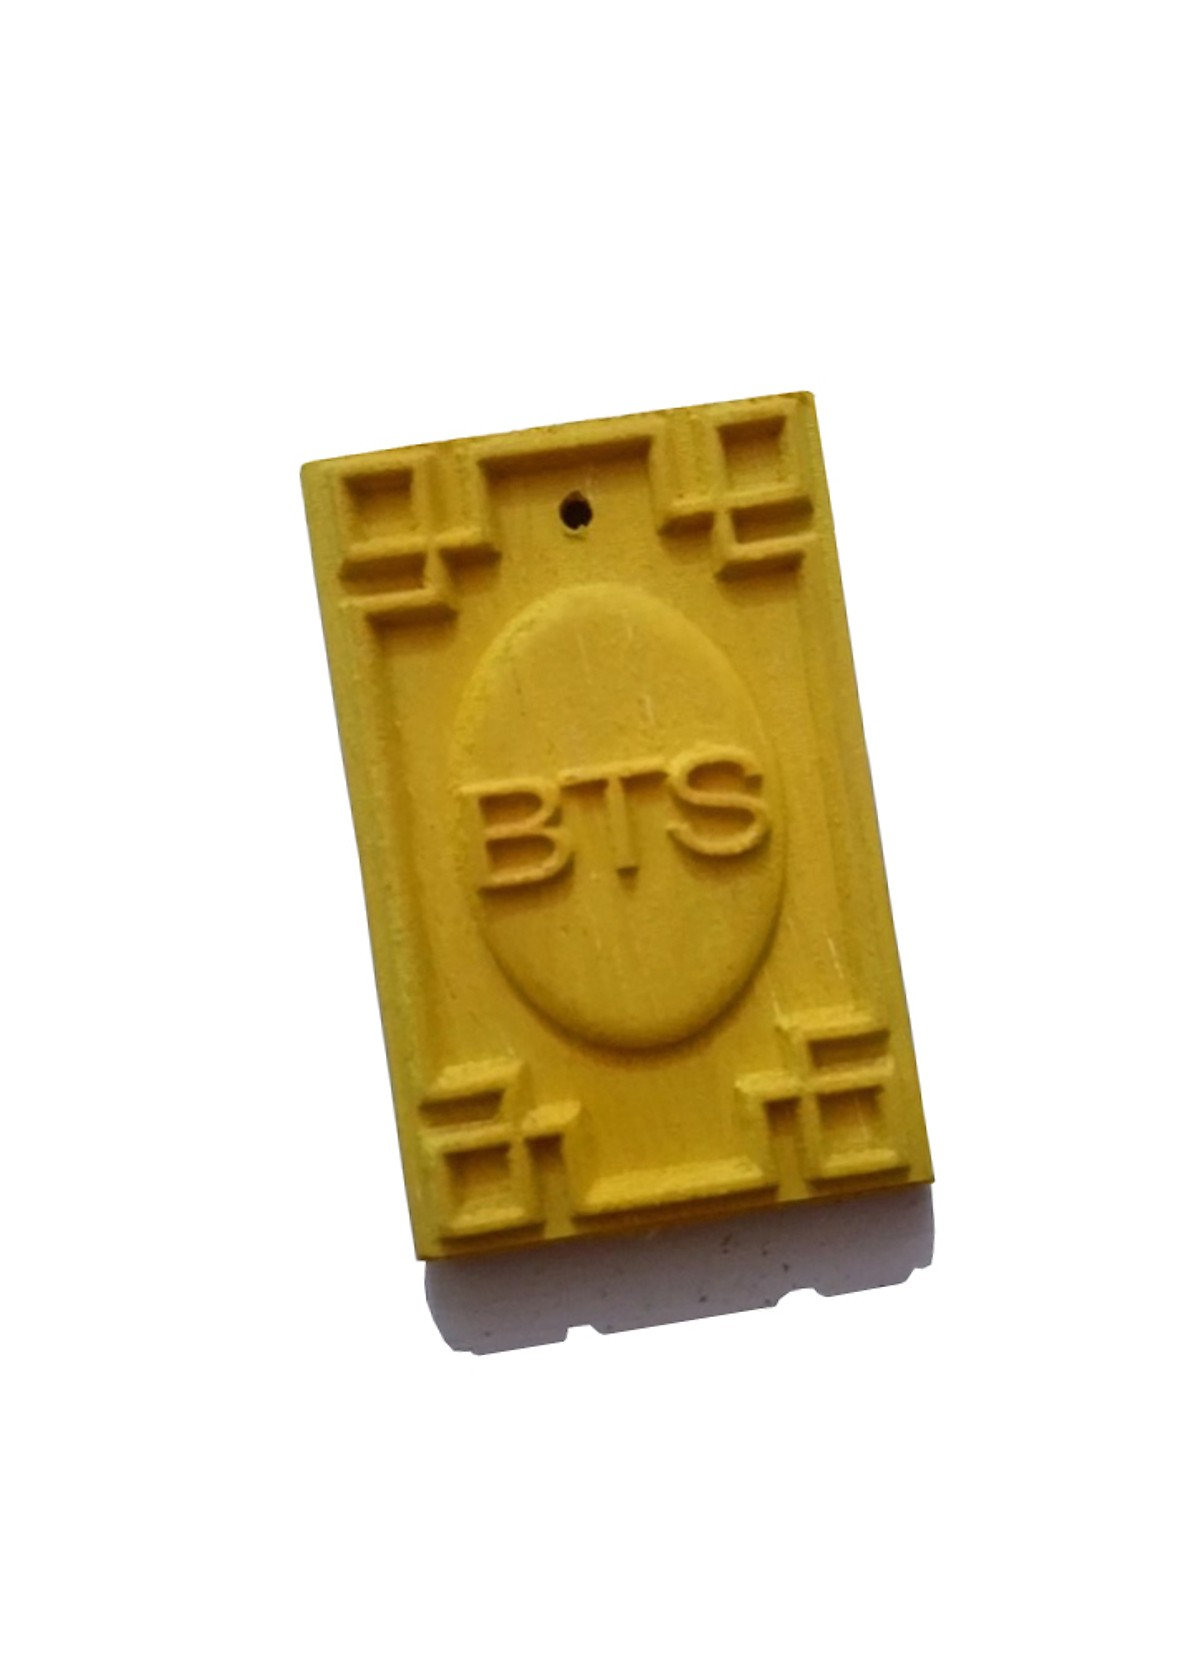 Quạt BT21 BTS 3 cấp độ gió sạc điện - Kèm móc khóa gỗ thiết kế độc quyền